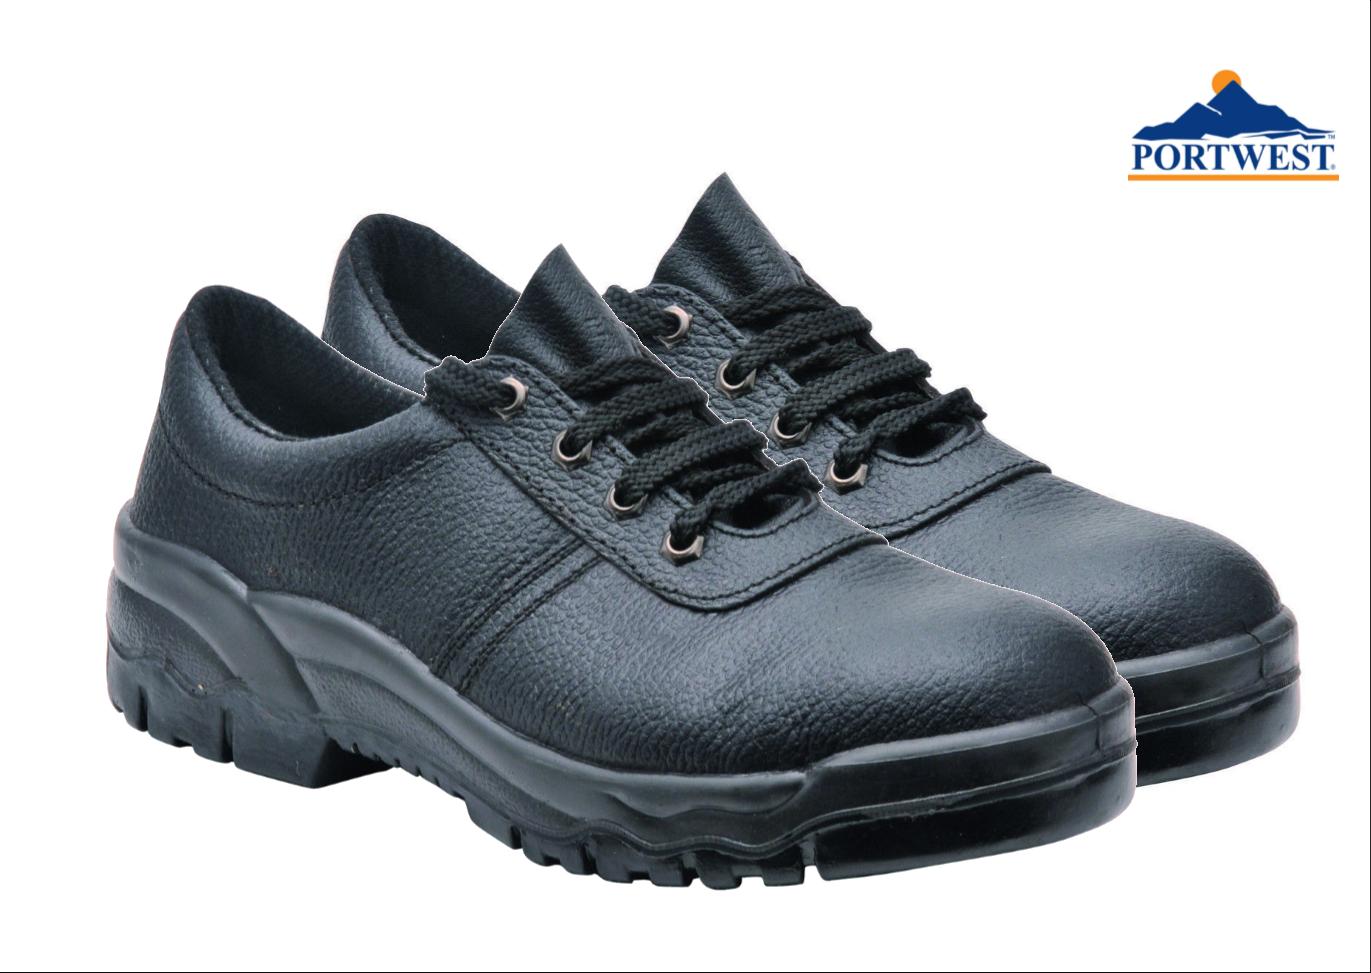 Portwest Steelite Protector Sécurité Travail Chaussures Boot Steel Toe Cap Léger FW14